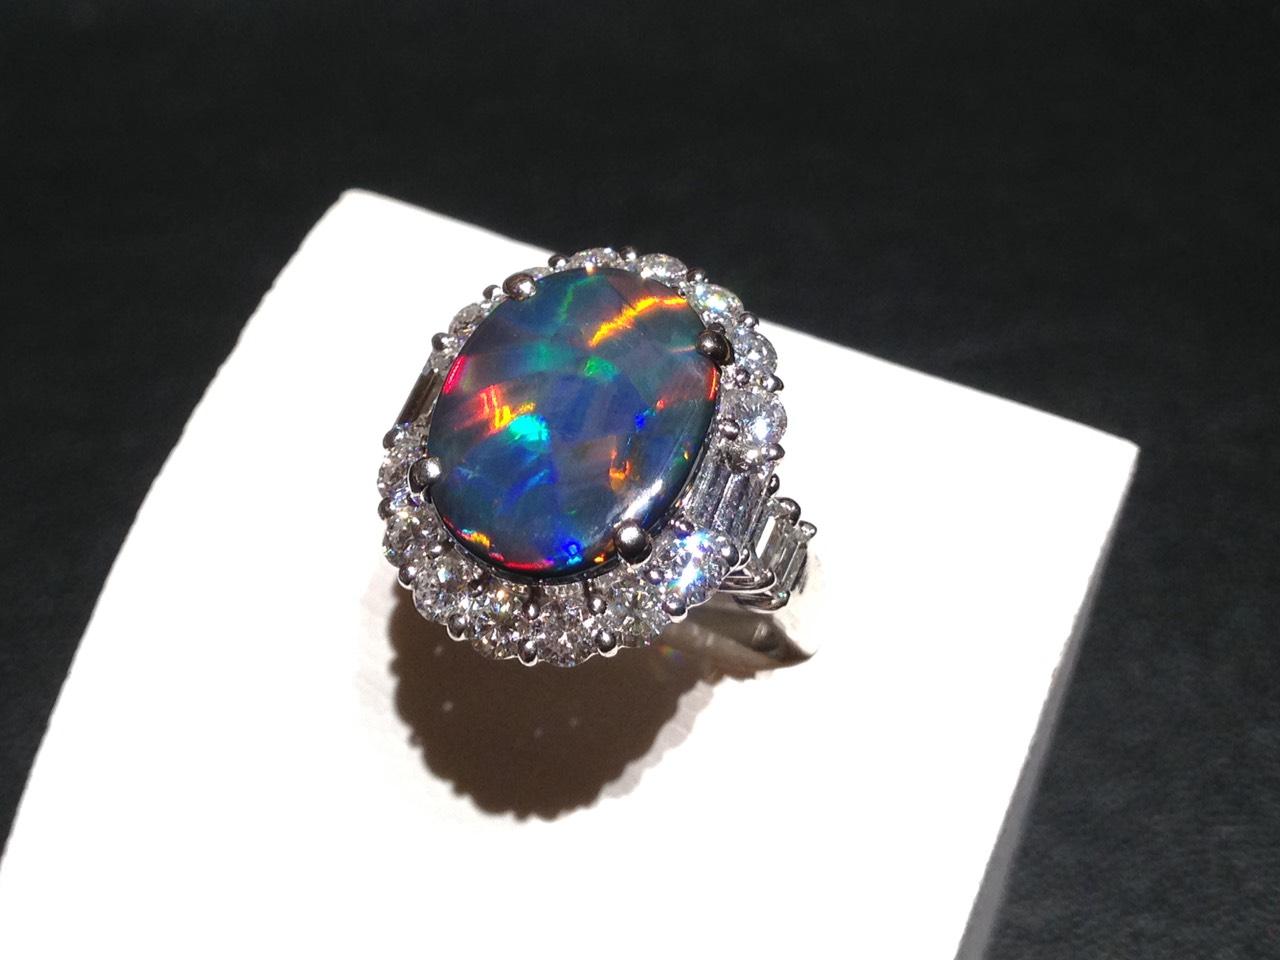 ブラックオパール 2.81ct ダイヤ1.54ct 宝石 高価買取